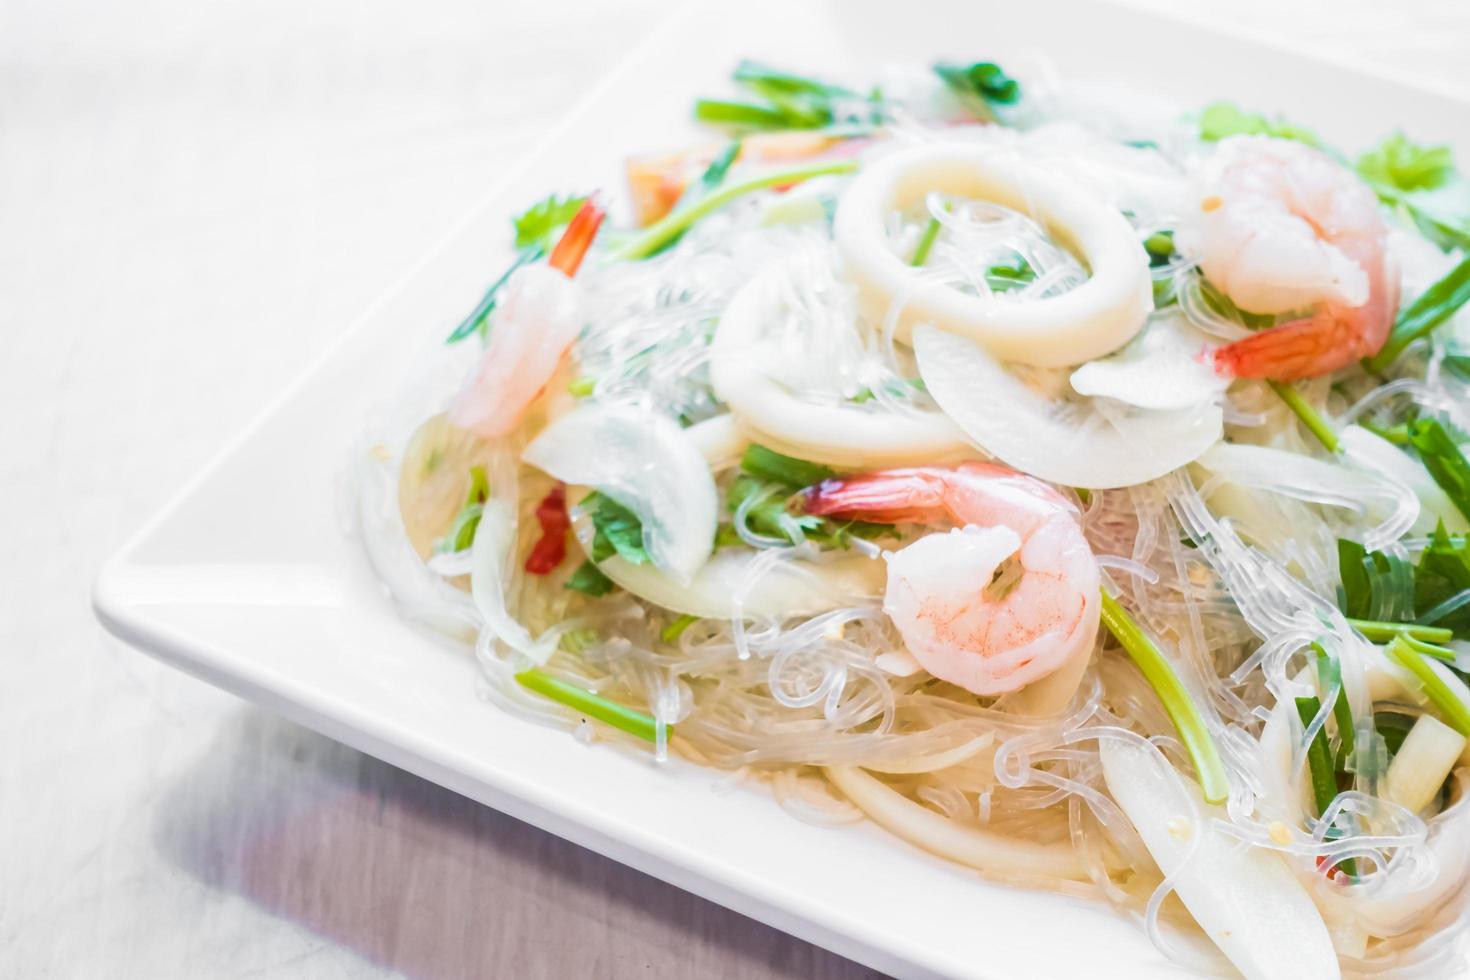 pikante salade met zeevruchten foto